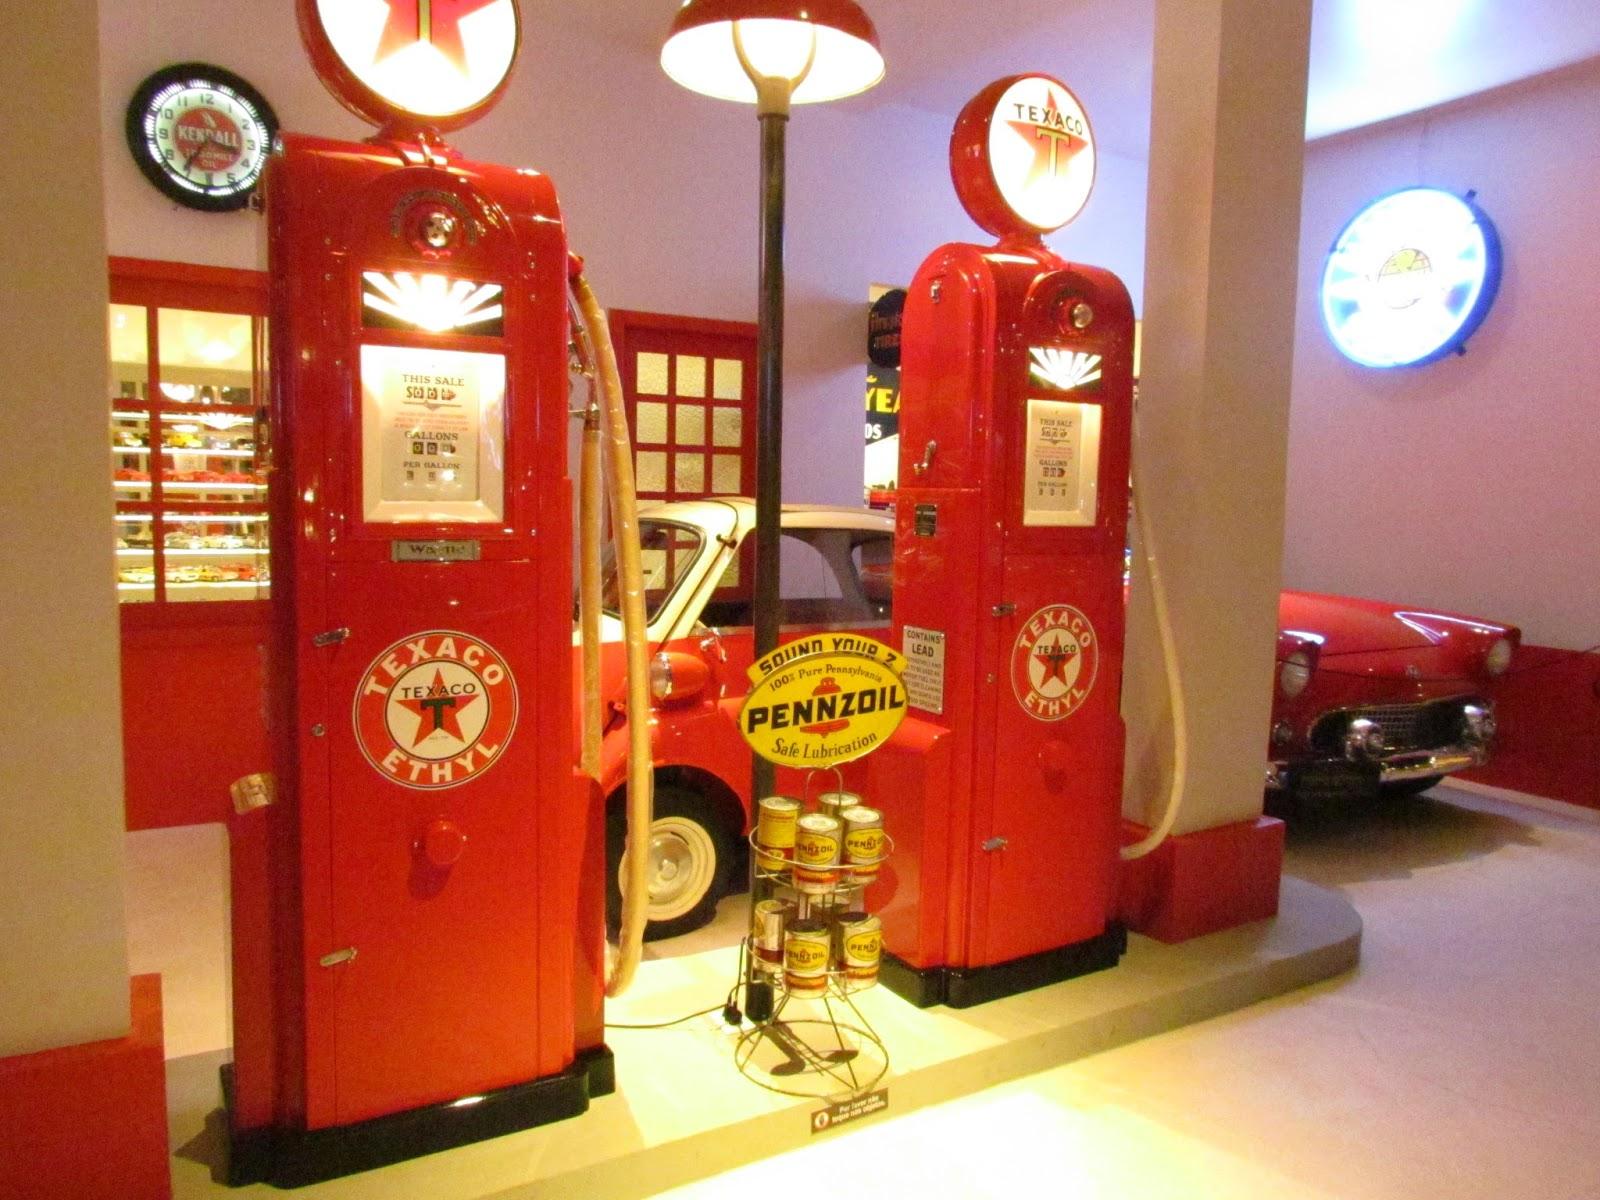 bombas de gasolina antigas